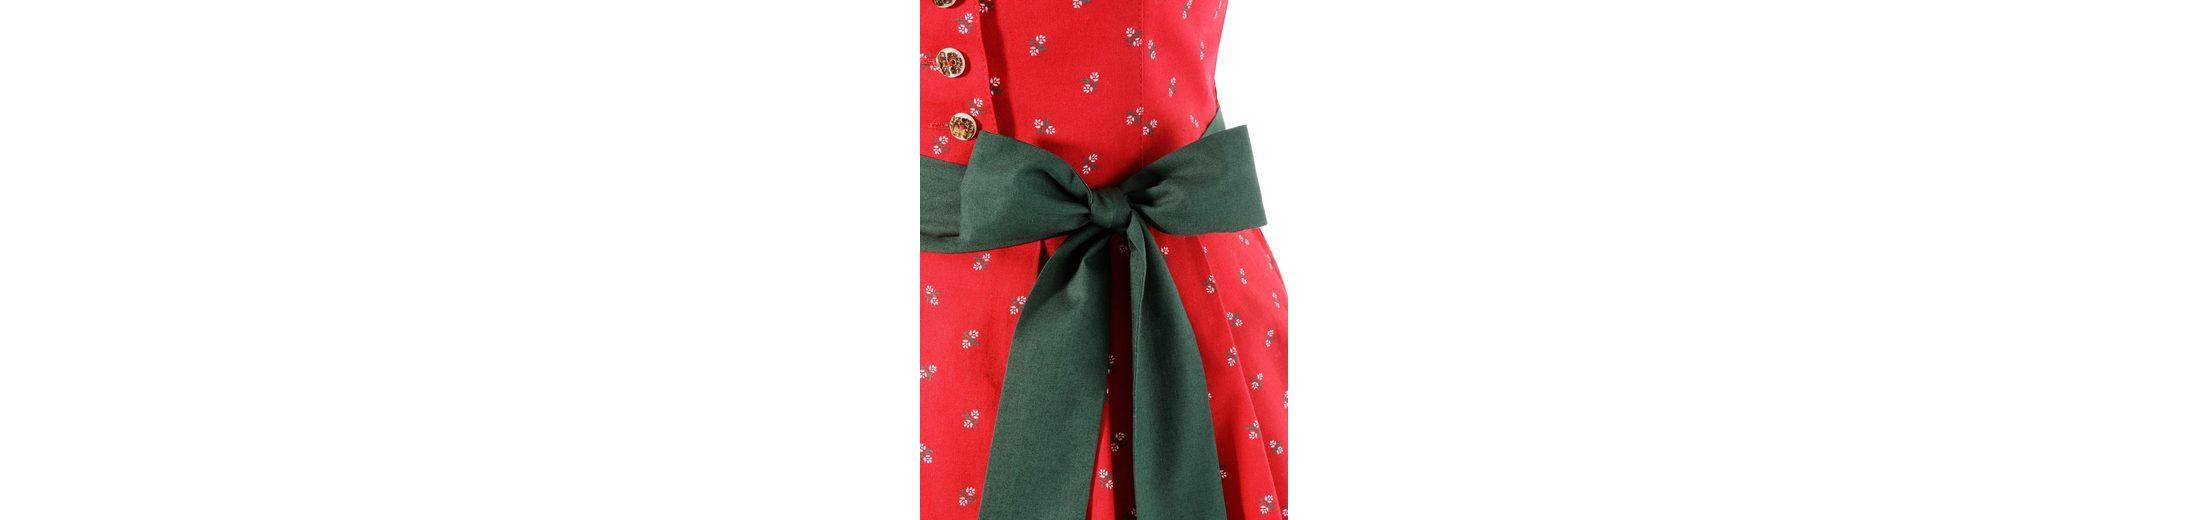 Love Nature Trachtenkleid Damen mit Bindeschleife Neuesten Kollektionen Verkauf Online Online-Verkauf Rabatt Angebot 2018 Günstig Online 5ZfNddSRhX